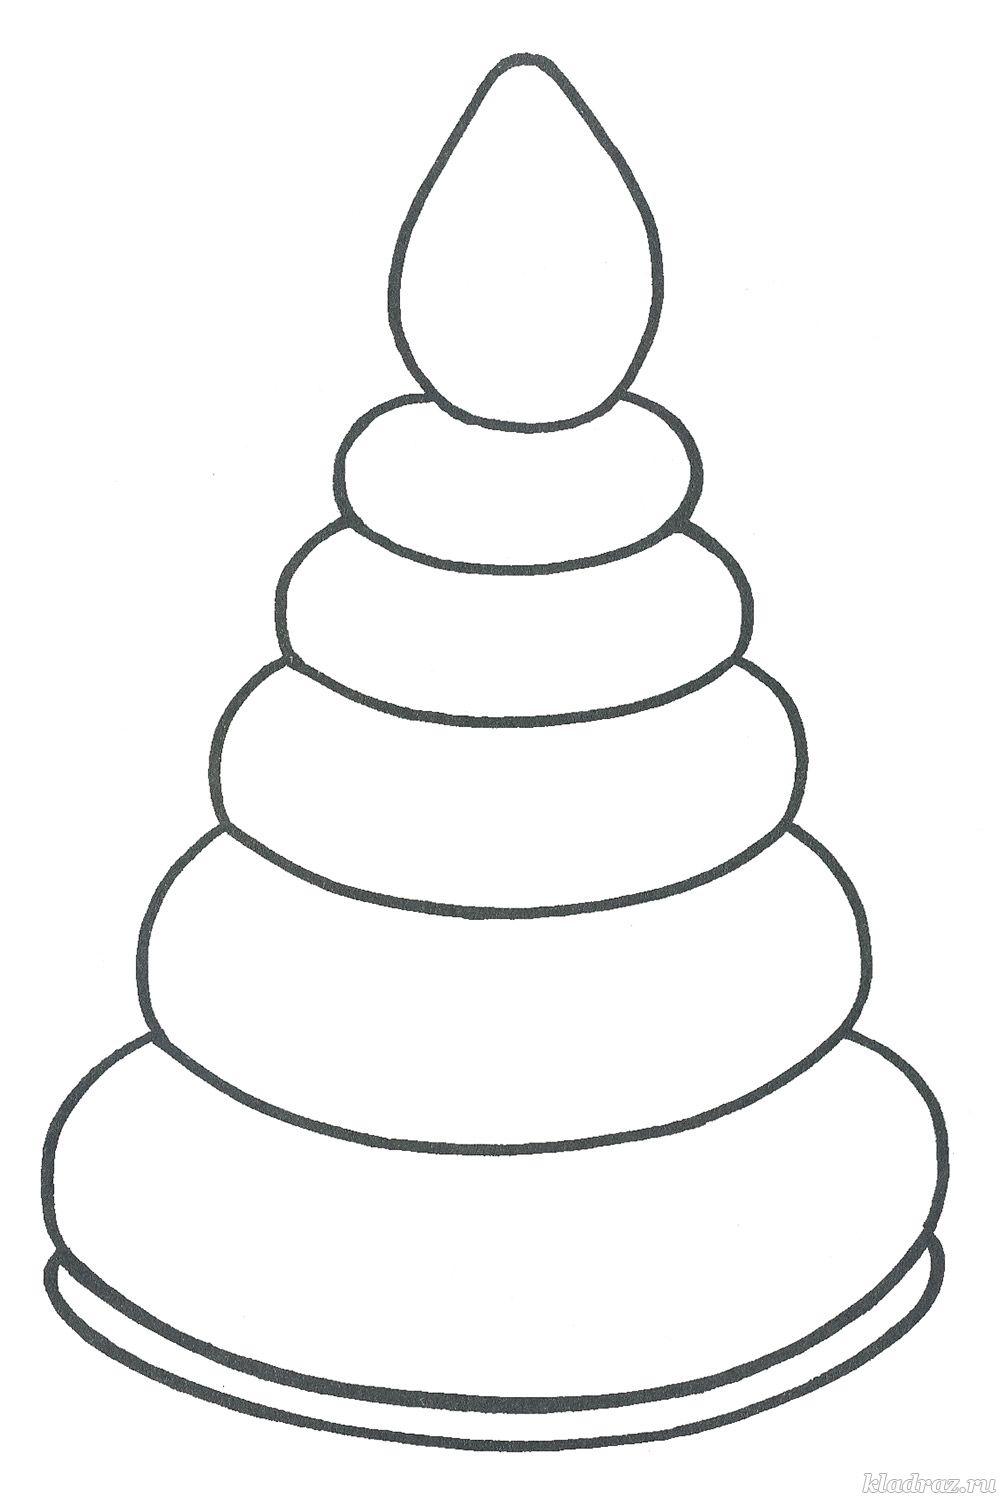 Раскраски «Игрушки» для детей 3-4 лет распечатать бесплатно